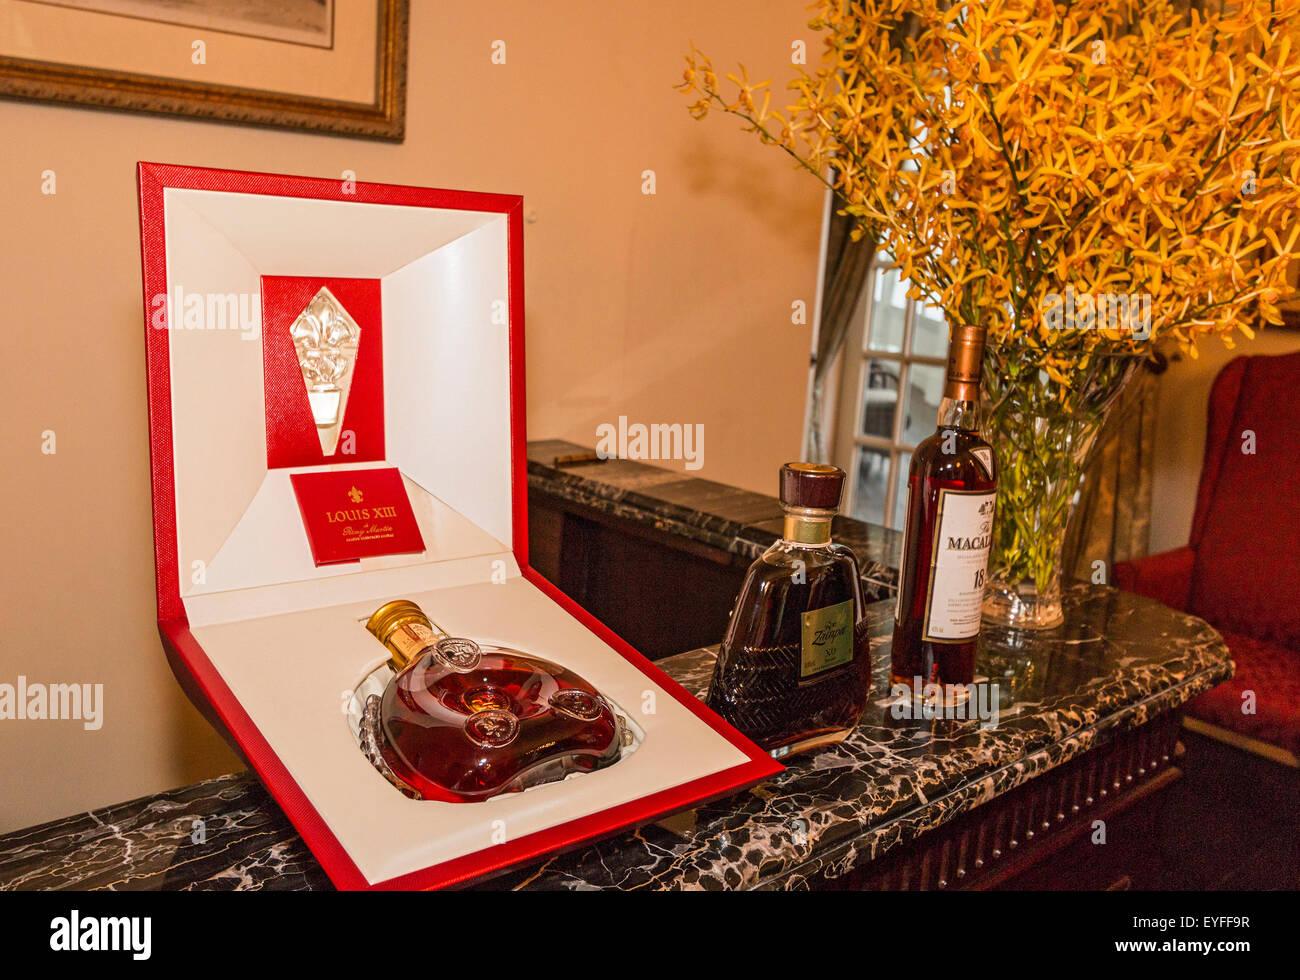 3 000 $ bouteille de cognac Remy Martin Louis XIII, disponible dans les 10 000 $-Une-nuit Suite Raffles à Raffles Photo Stock